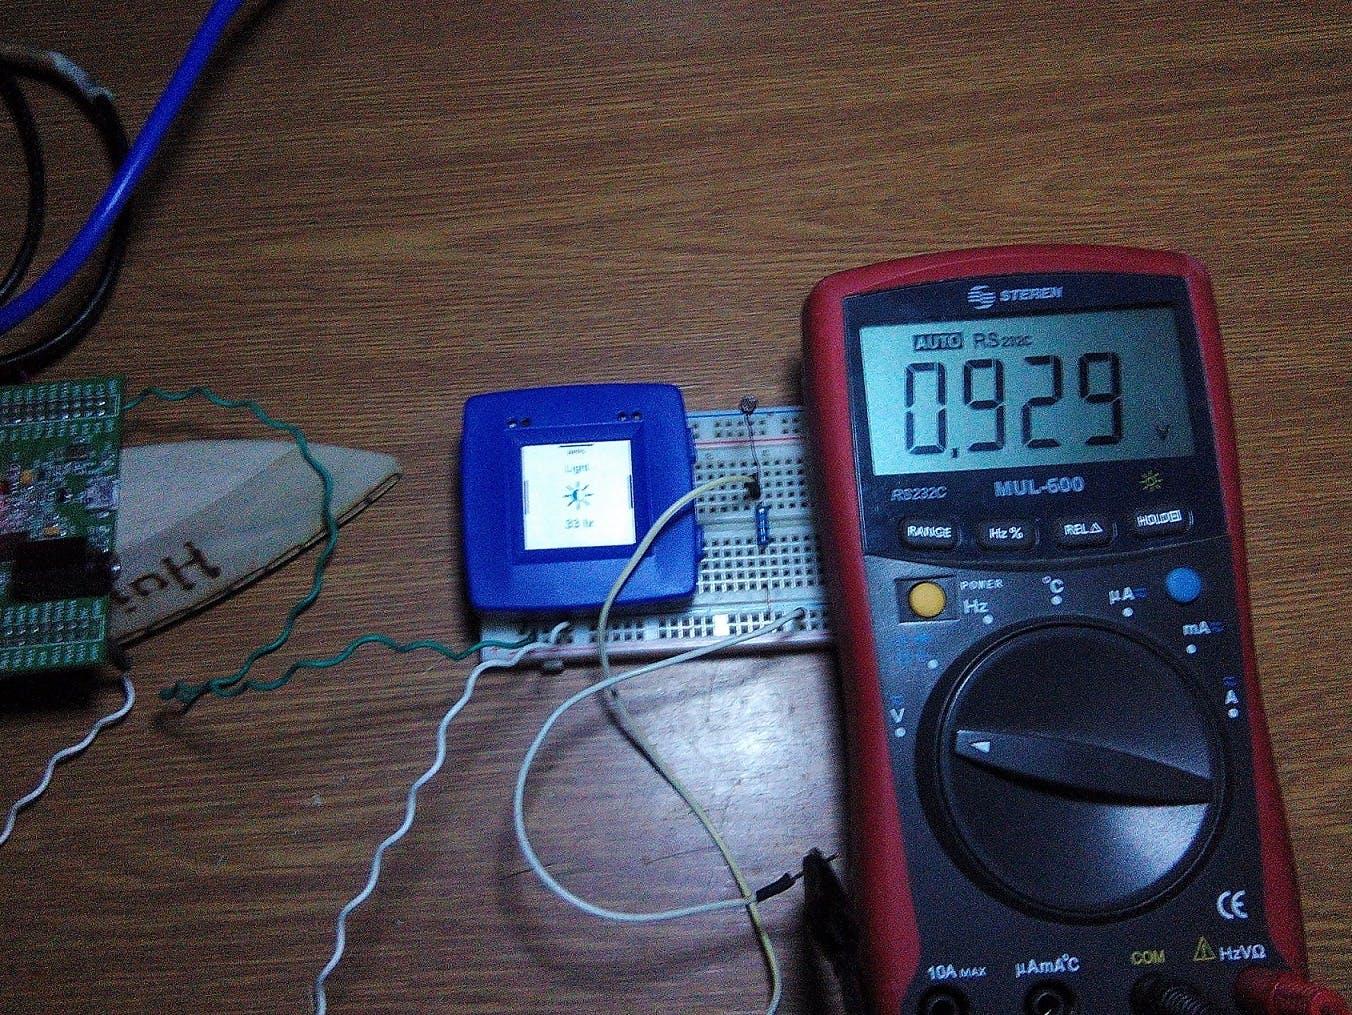 Calibration example: 33 lx = 0.929 volts